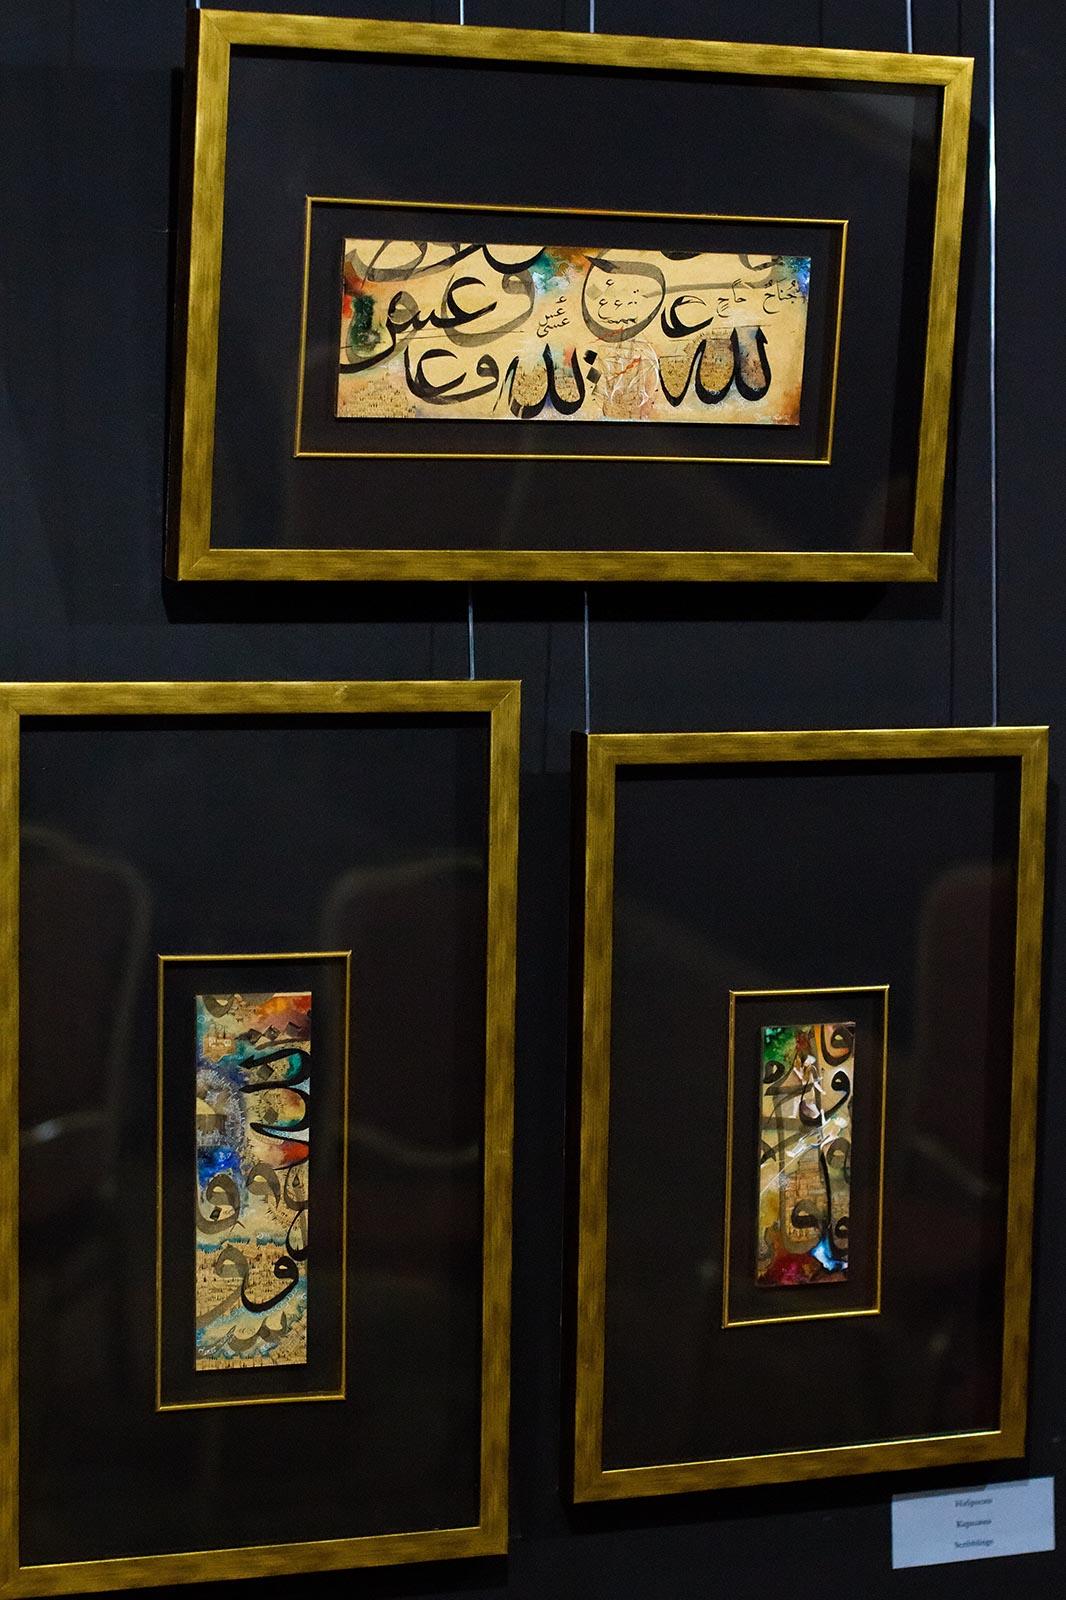 Фото №147521. Фрагмент экспозиции. Танер Алакуш. Наброски